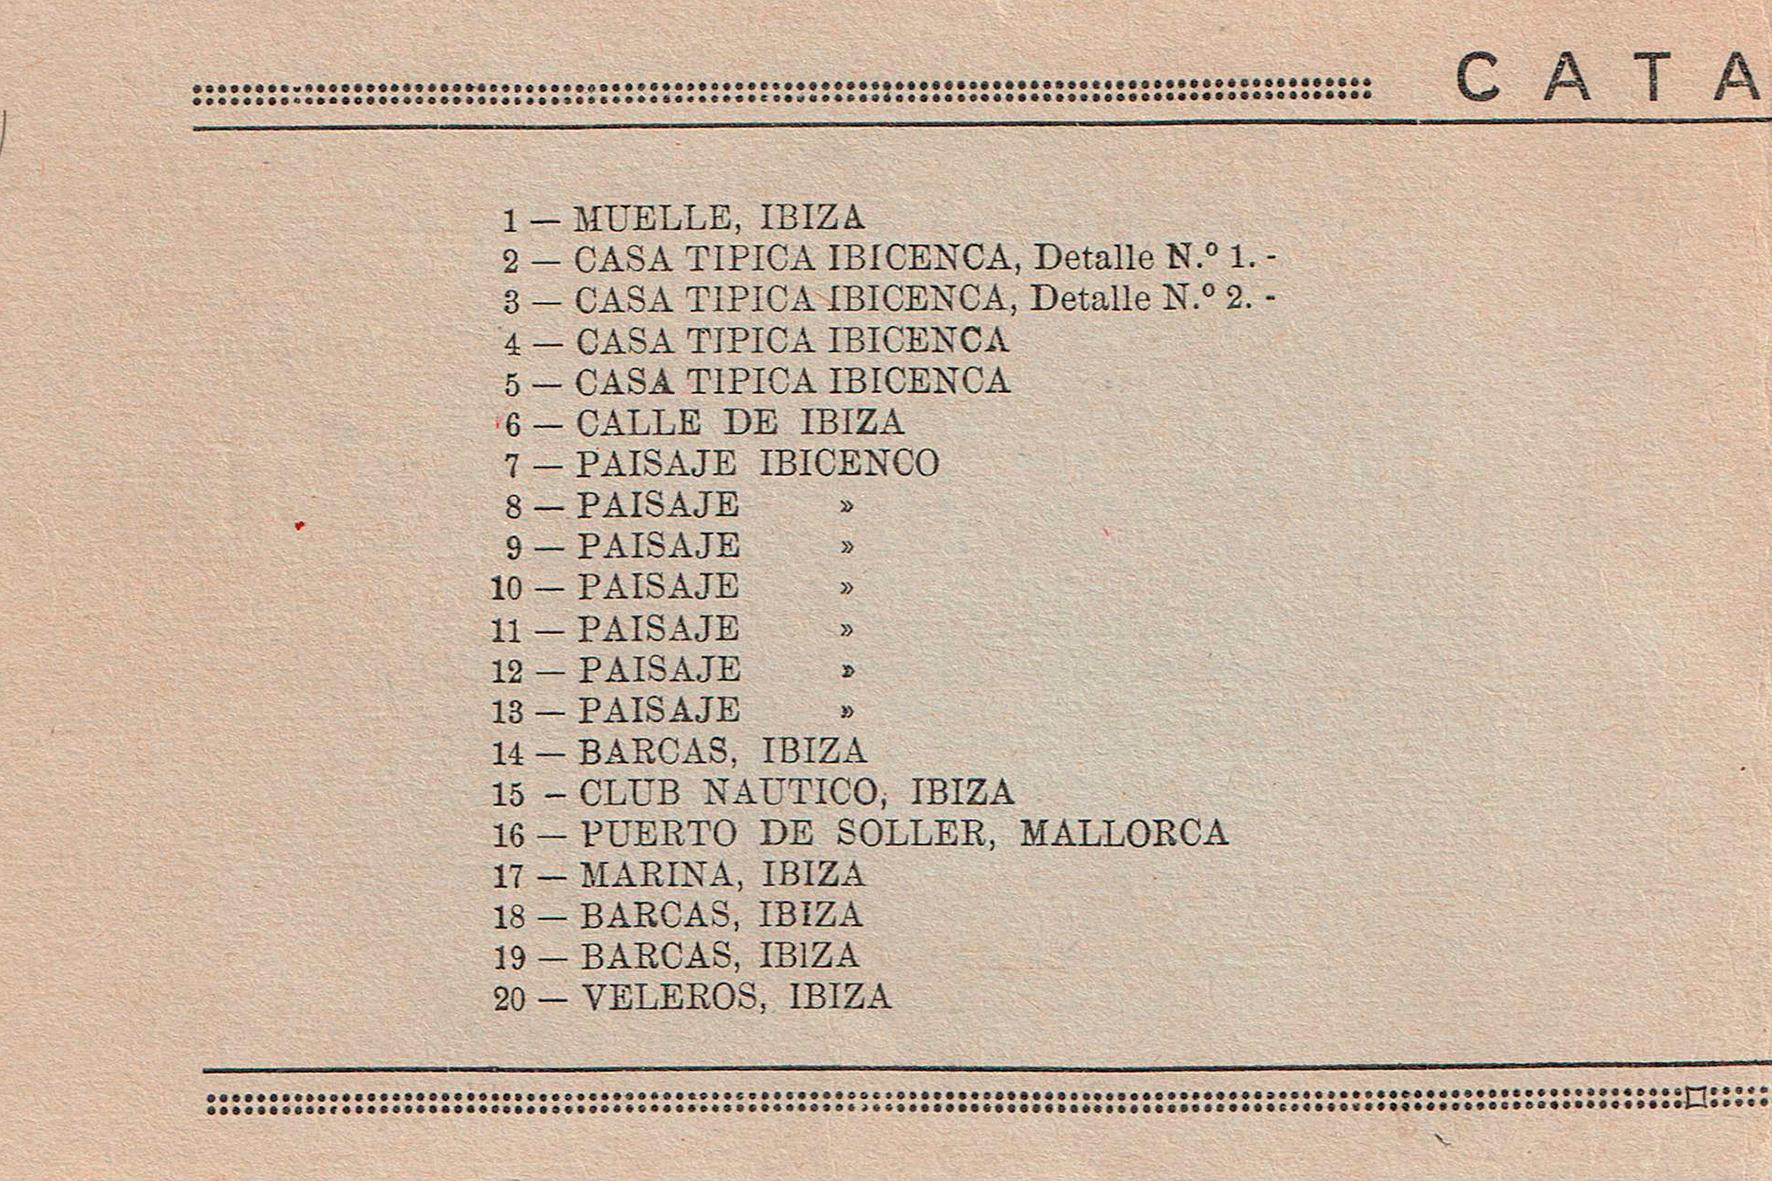 Catàleg exposició Ateneu d'Alacant. 1936: Pàg. 1